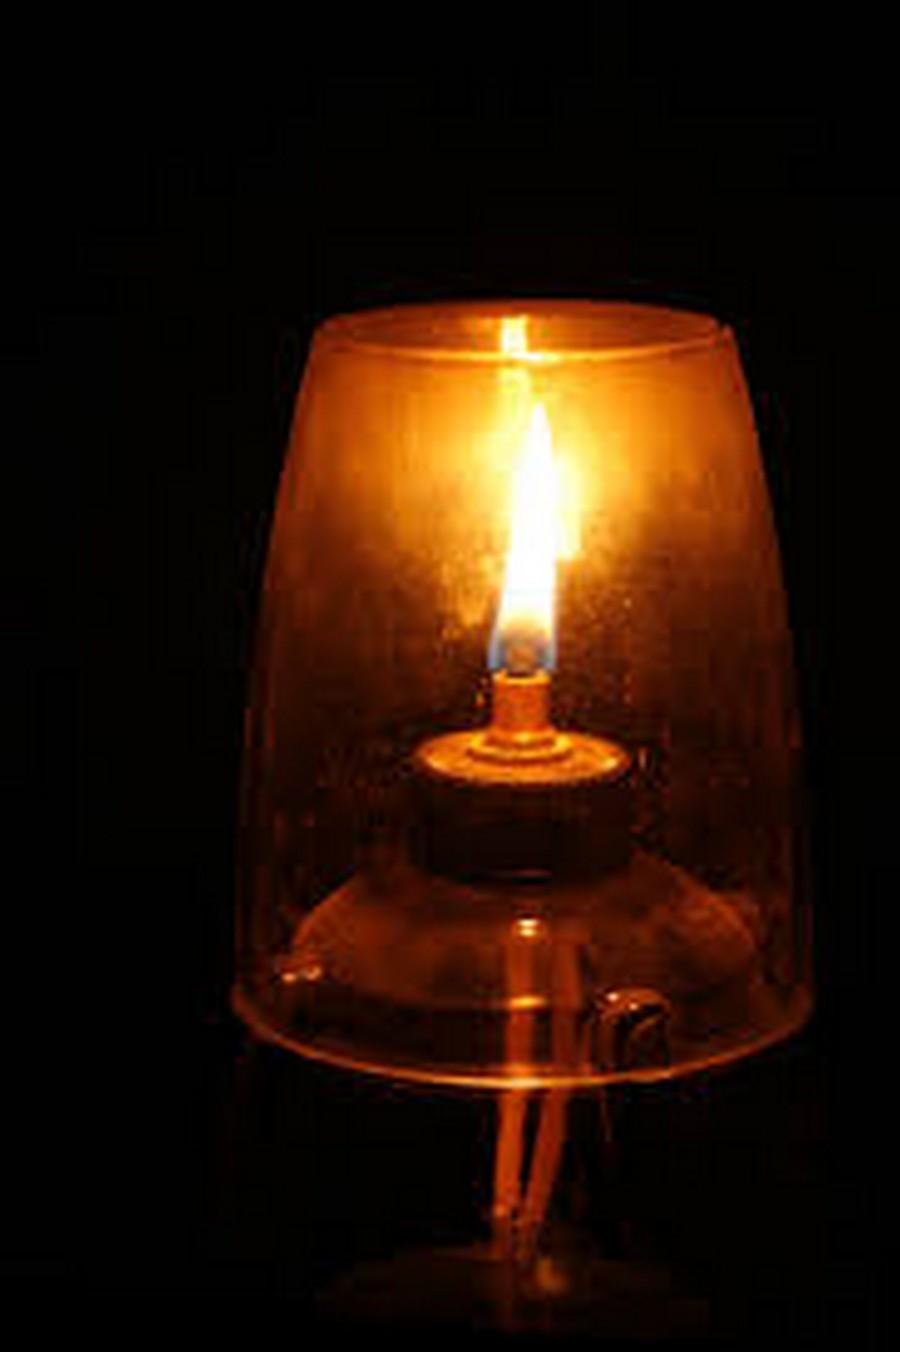 Đèn thái cực trên bàn thờ gia tiên